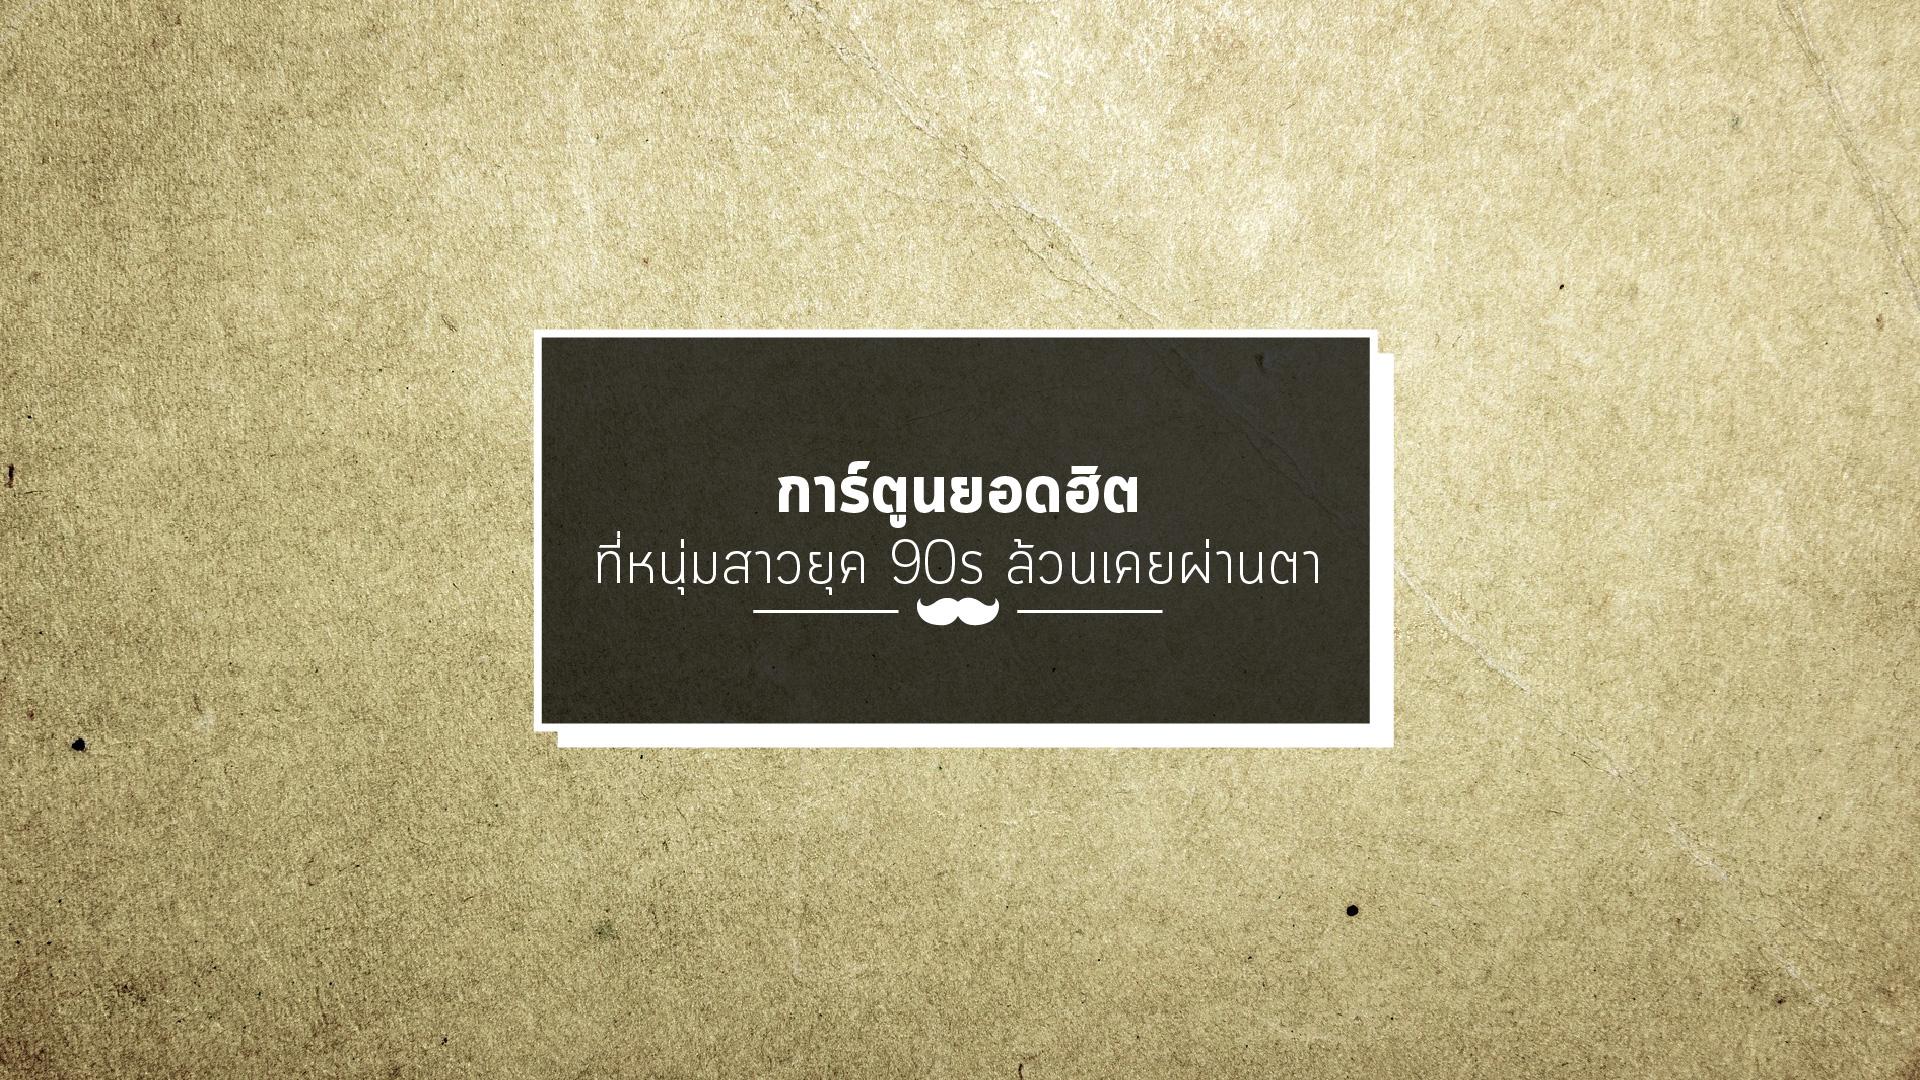 แอนิเมชั่น-Mr.mee studio-221-01